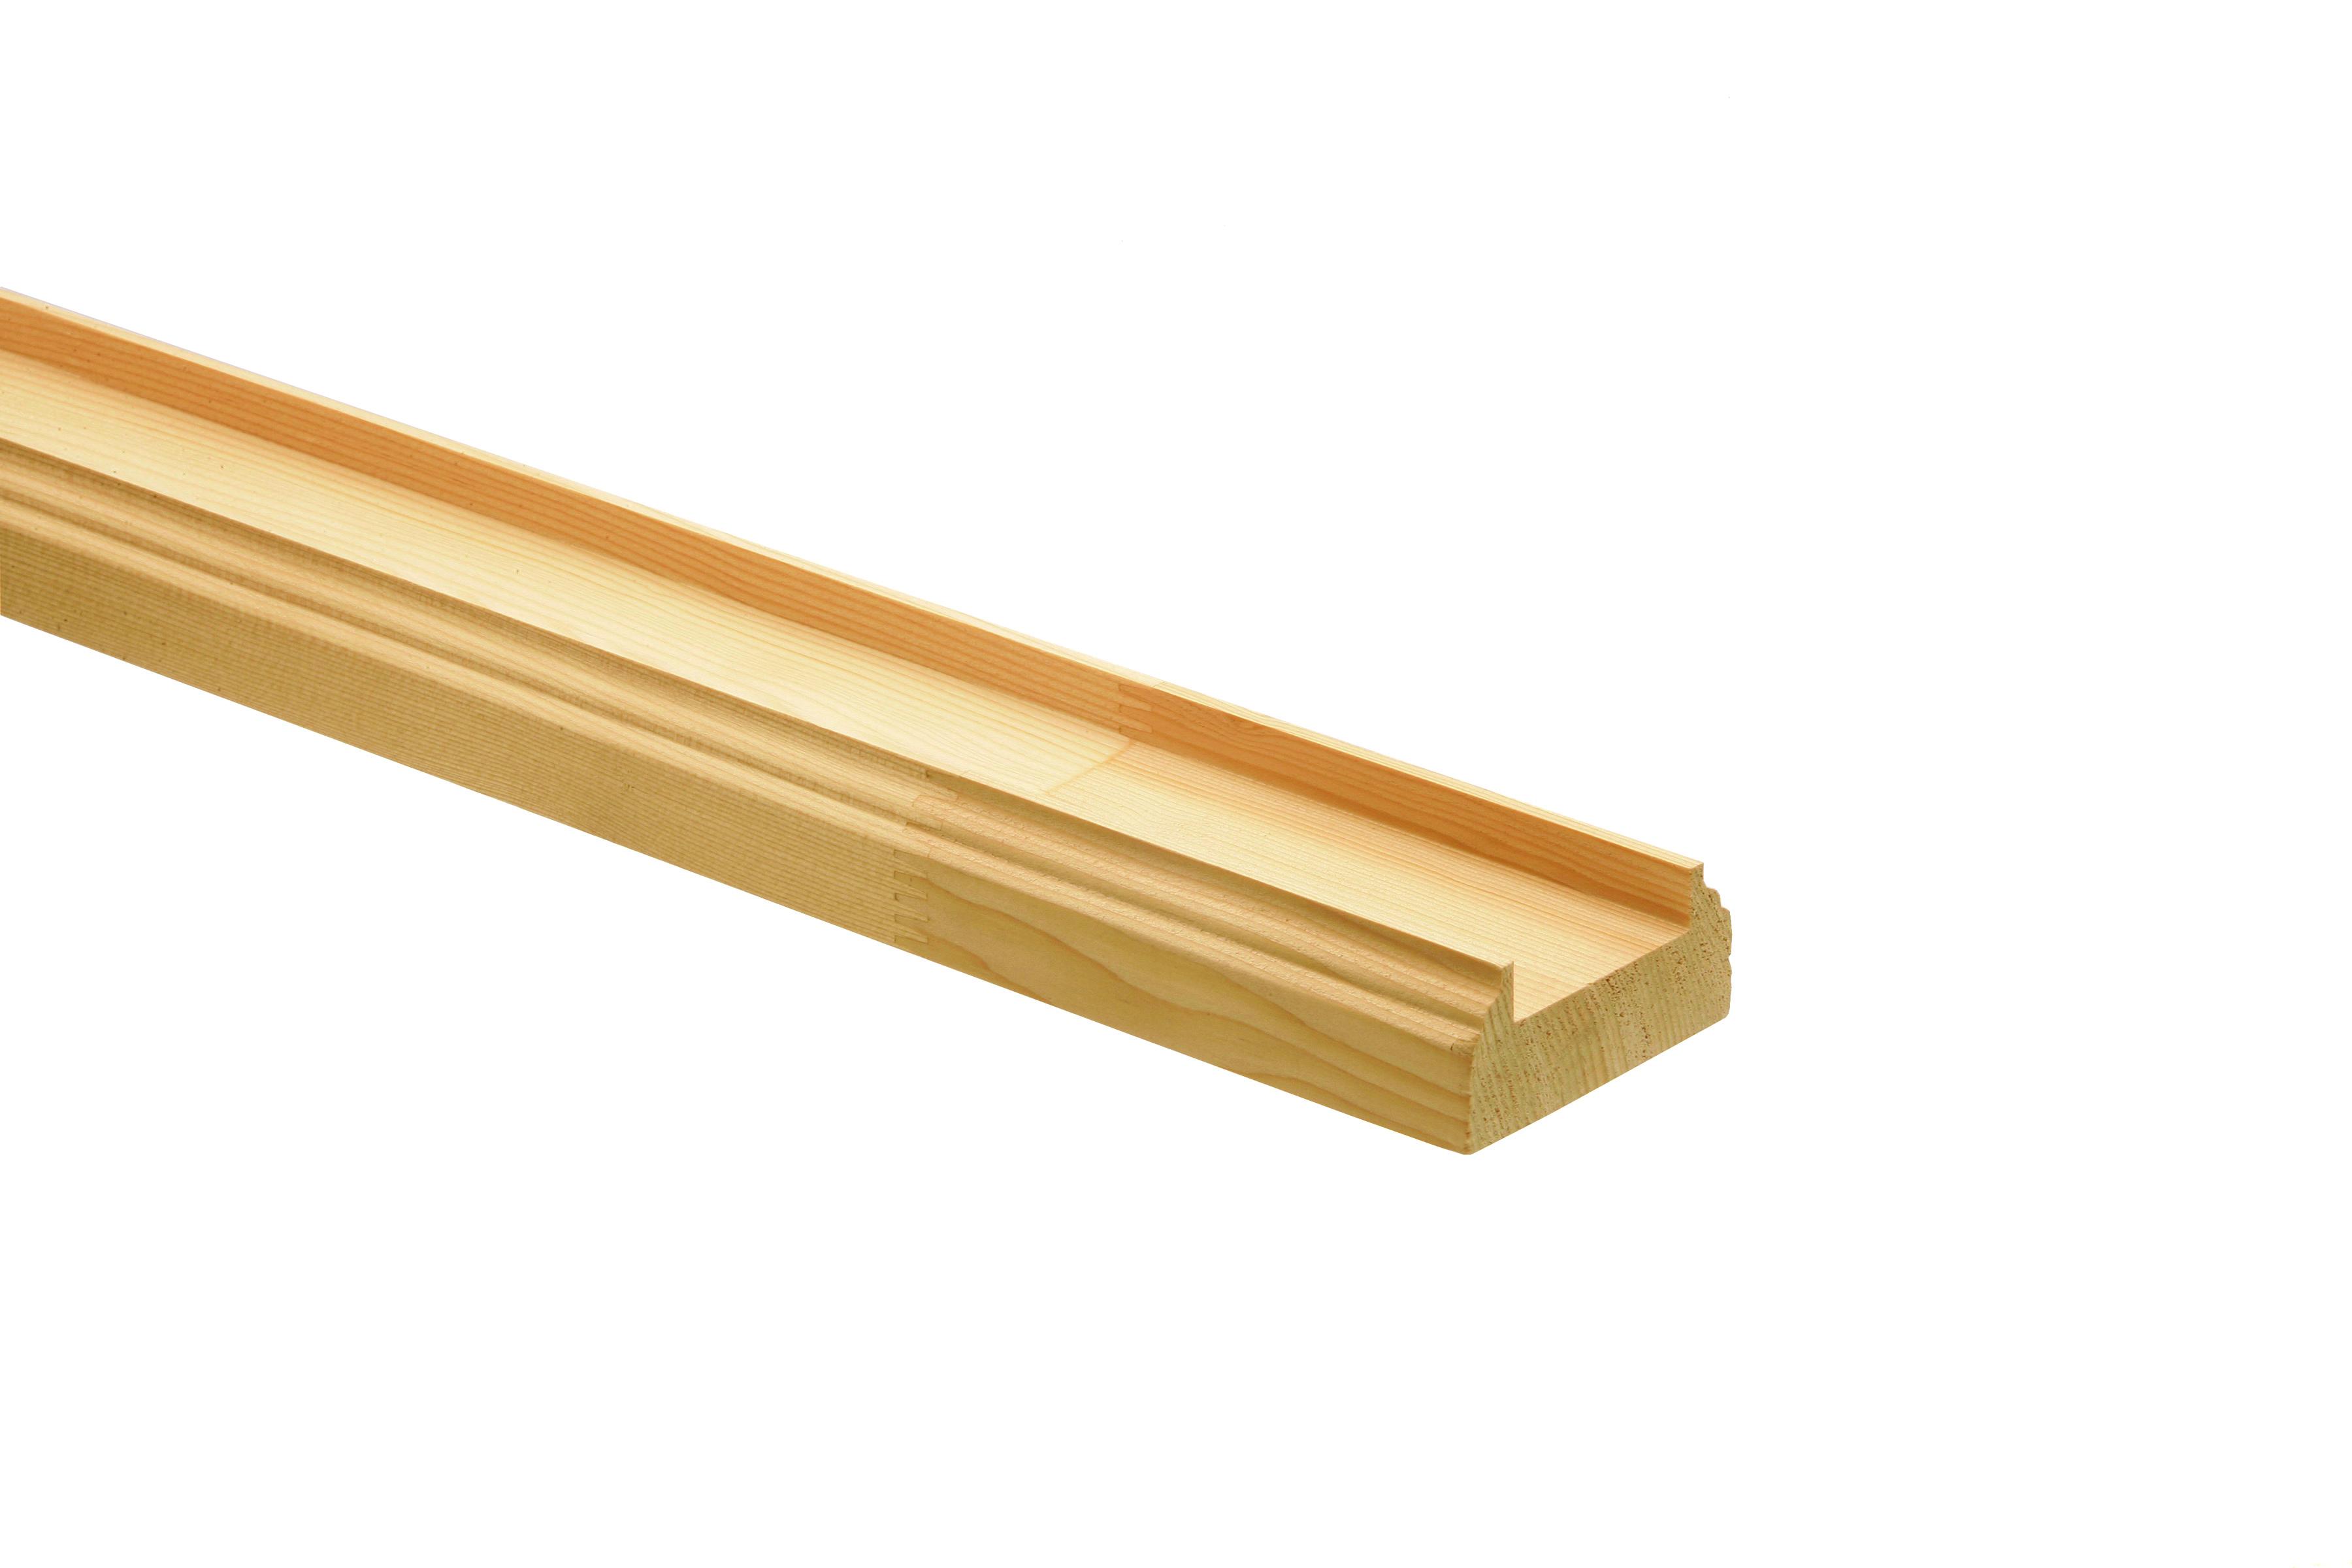 1 Hemlock Baserail 3600 32